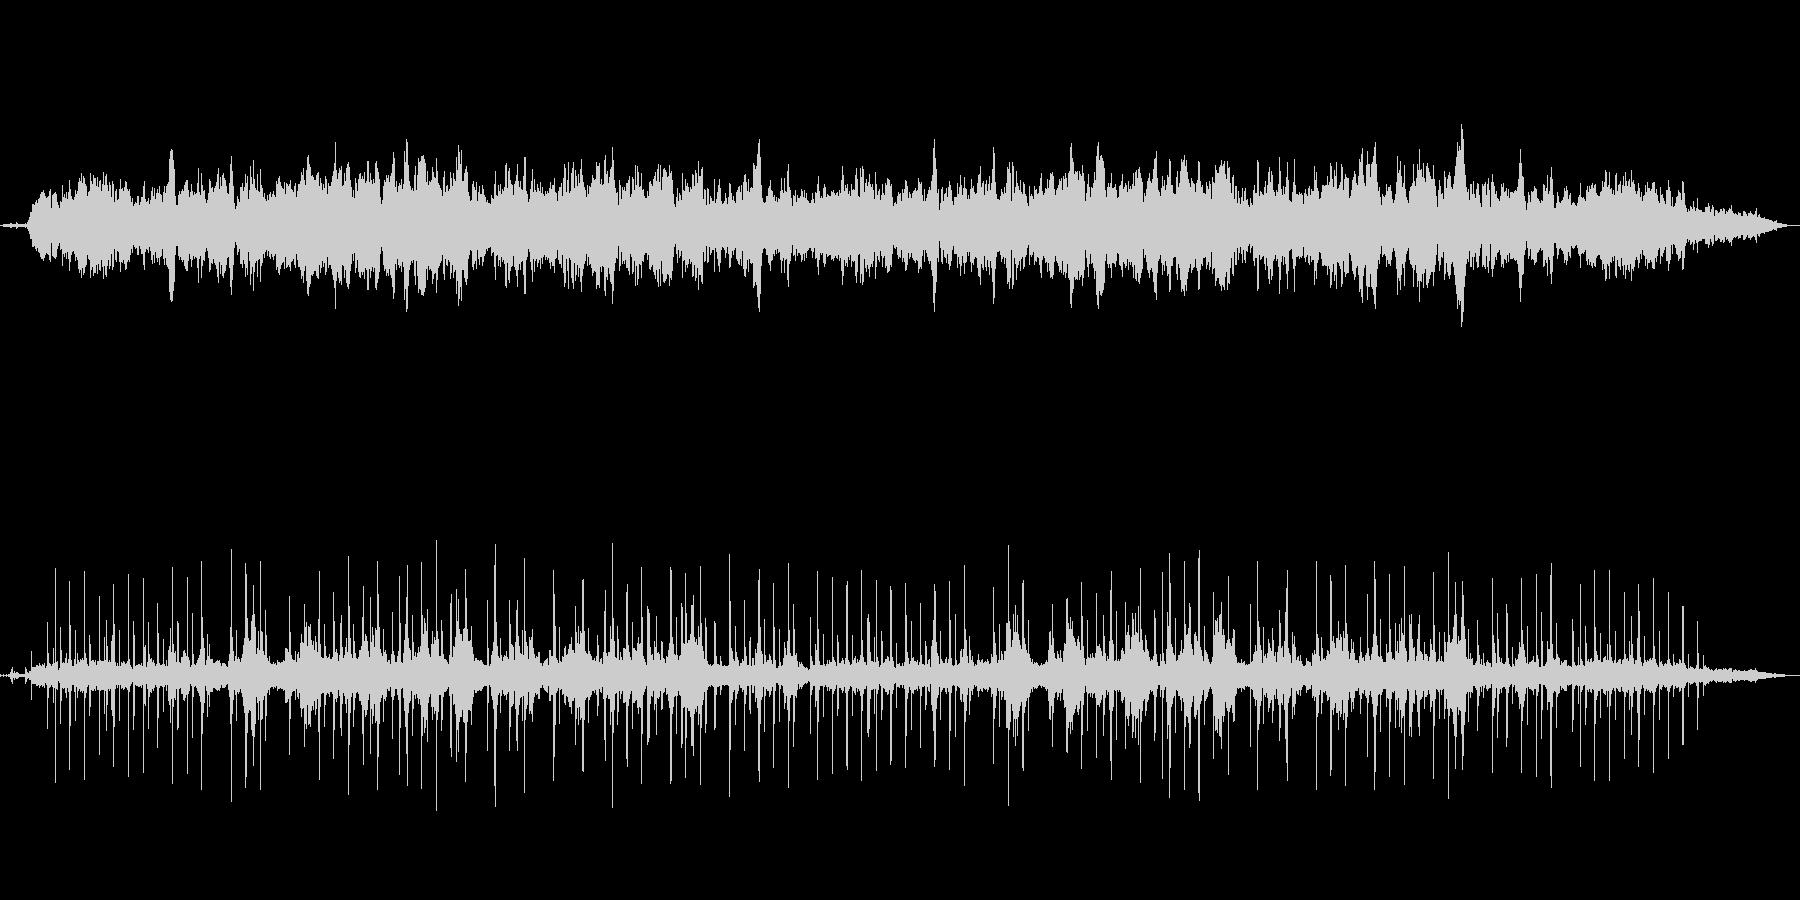 アヴェマリア・鳥の声と静かなヒーリング曲の未再生の波形